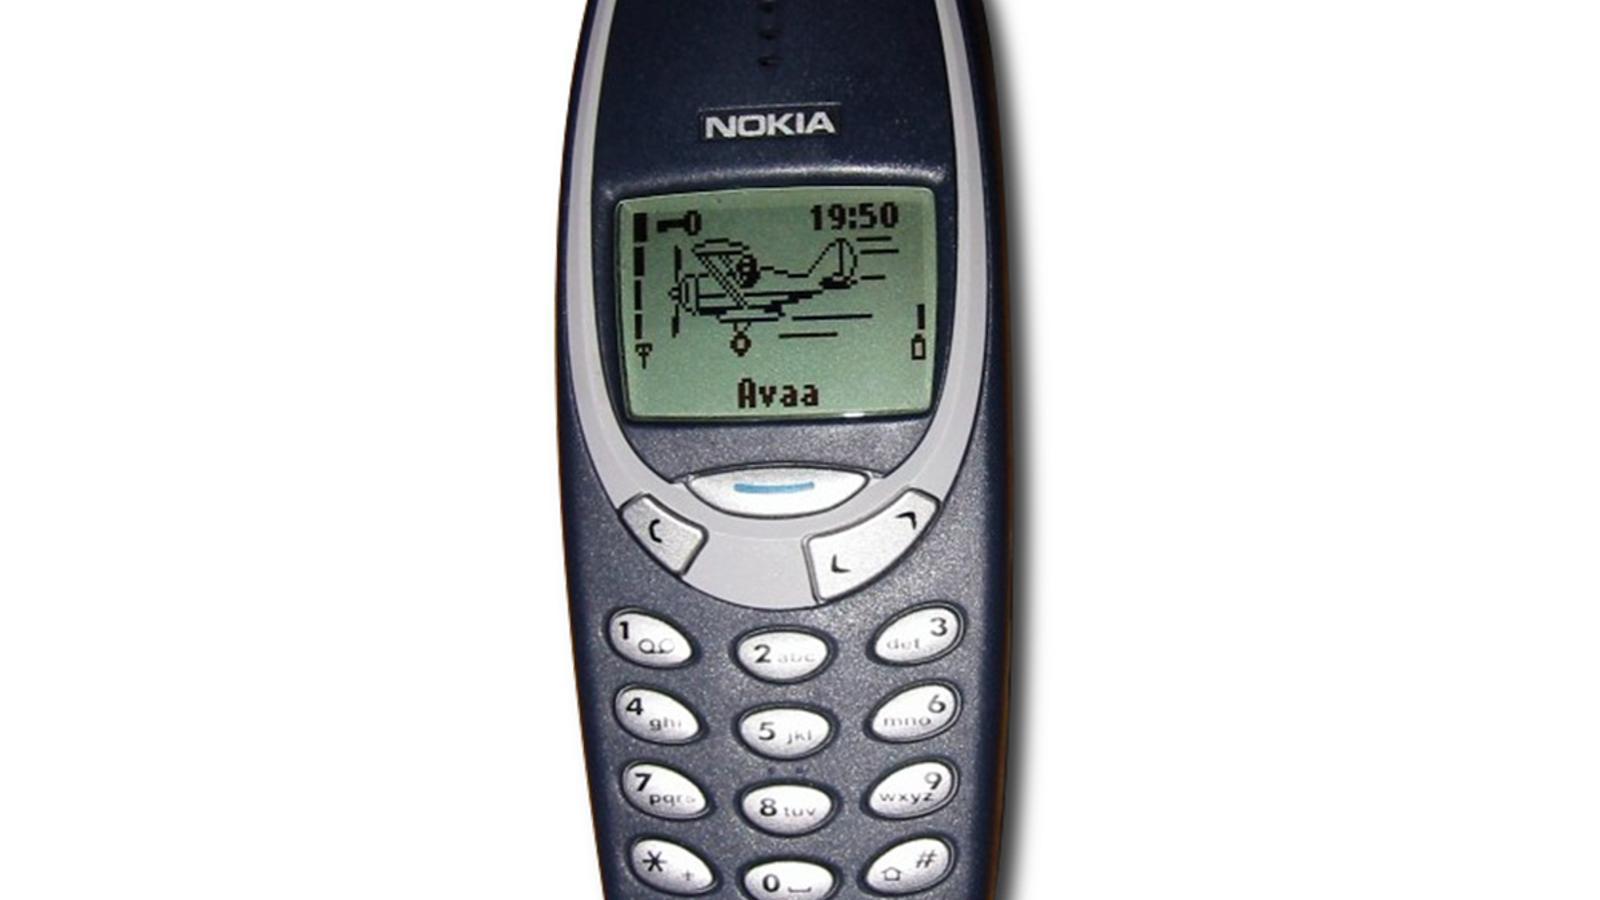 nokia 3310 wikipedia nokia 3310 wikipedia torna el nokia